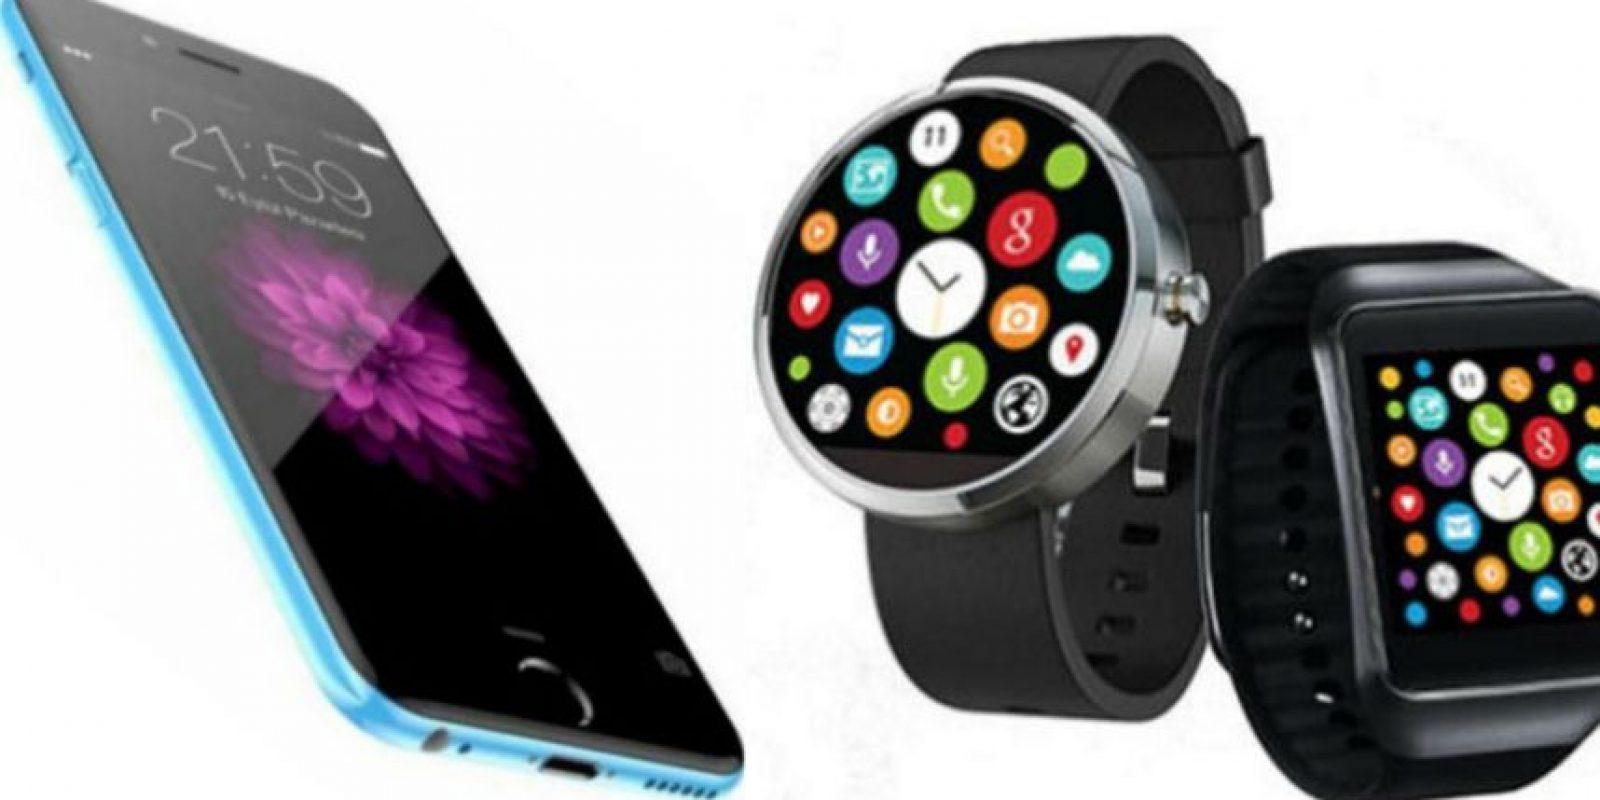 iPhone 6c y Apple Watch 2 se presentarían en marzo próximo. Foto:vía Tumblr.com